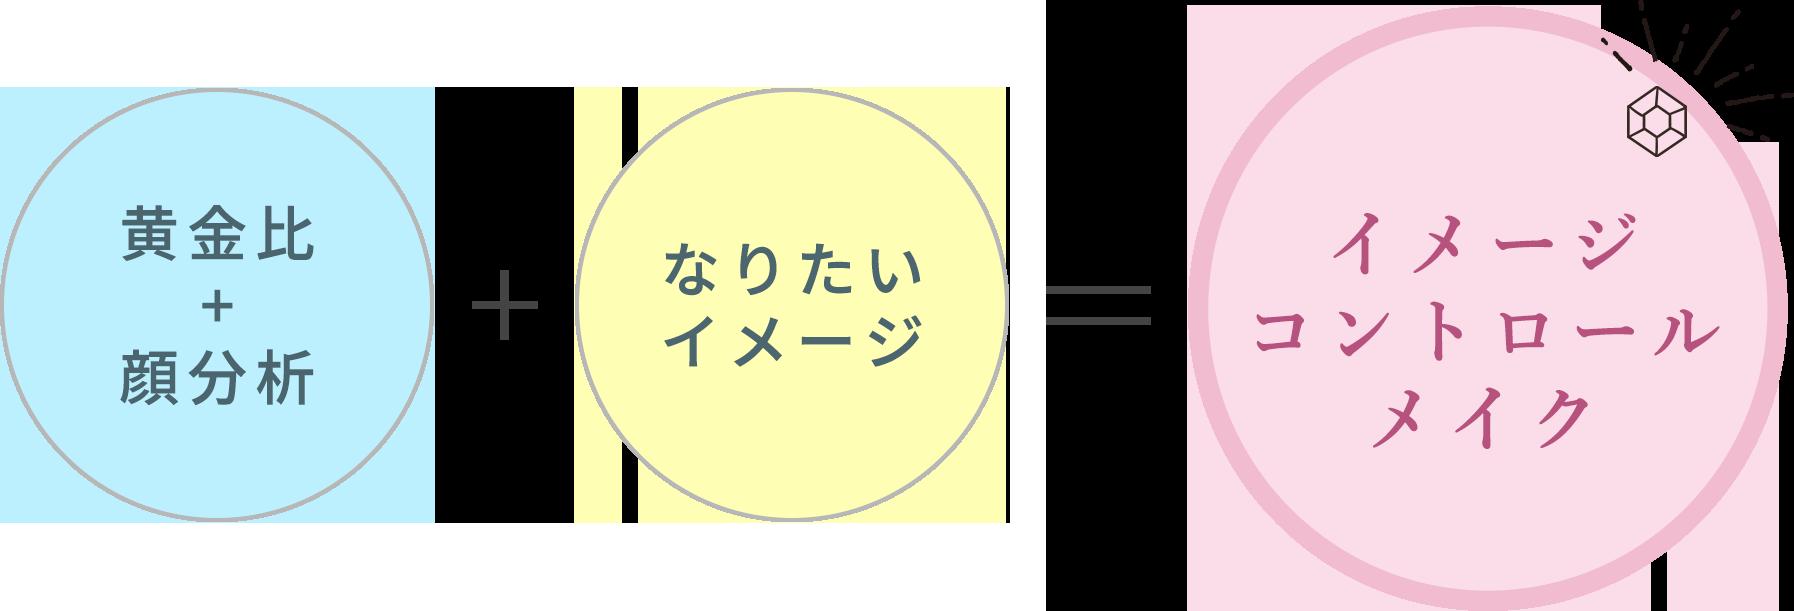 イメージコントロールメイク(イメコンメイク)の図解